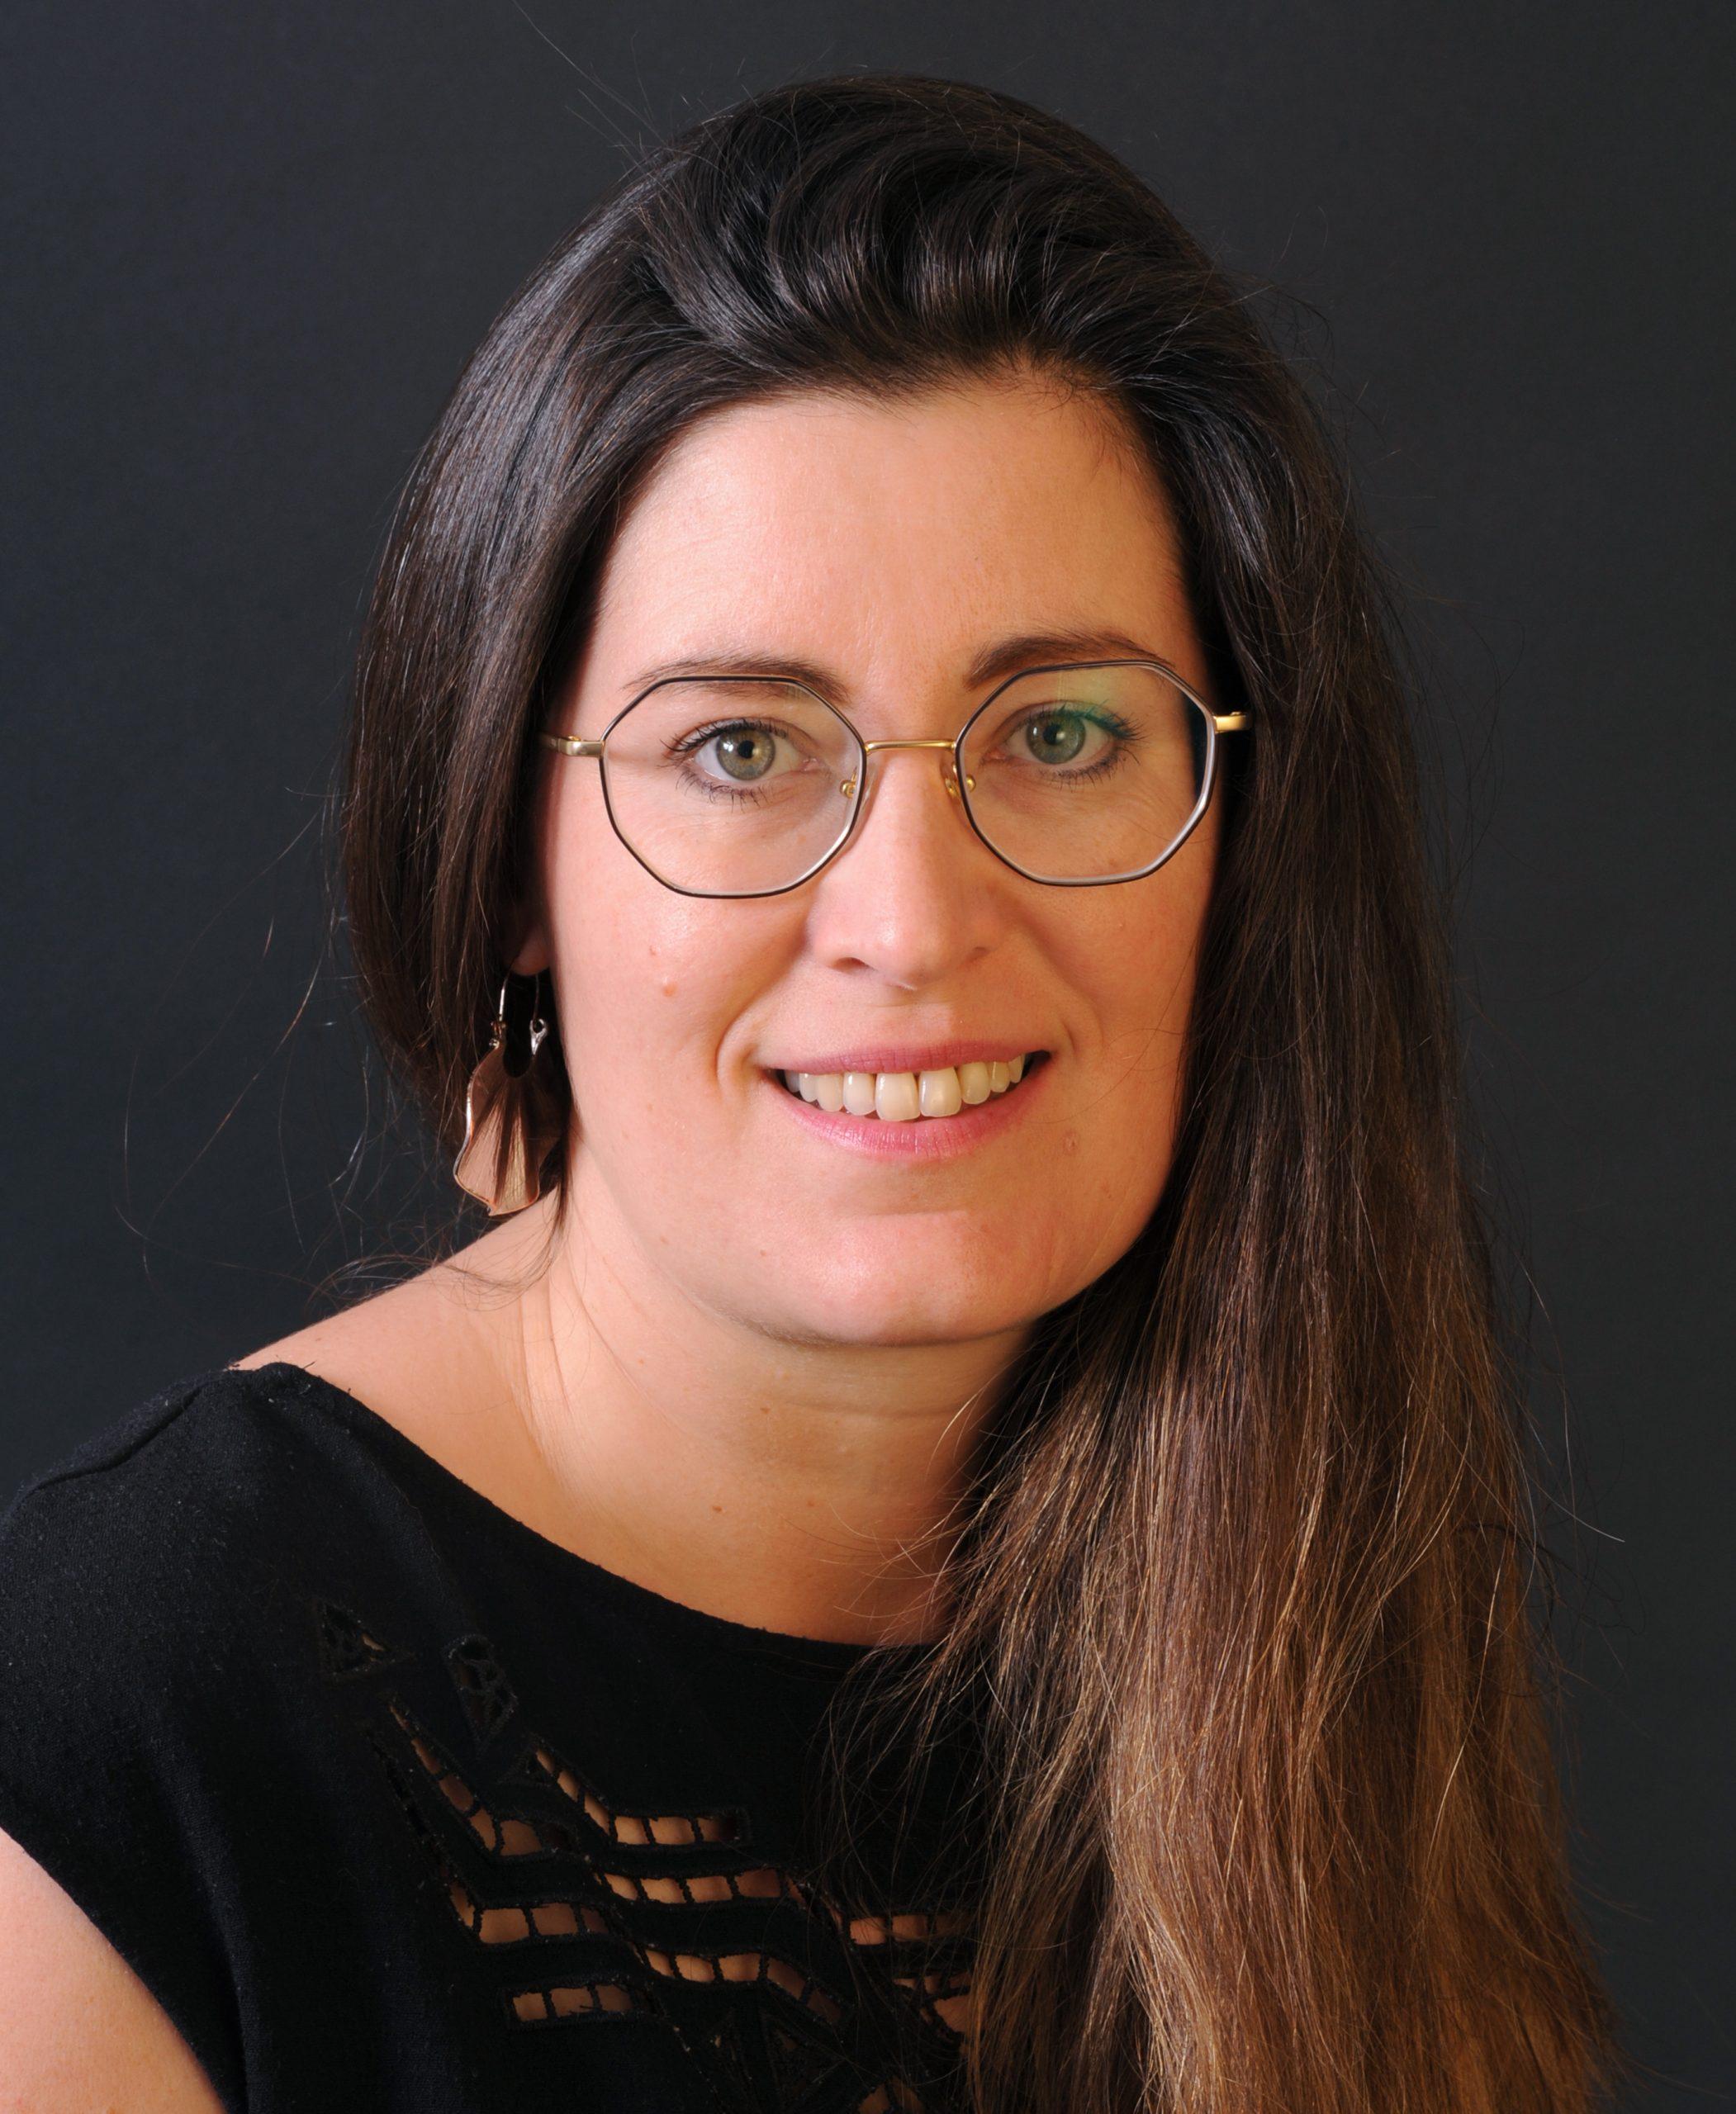 ANNE-SOPHIE ANDRÉAS